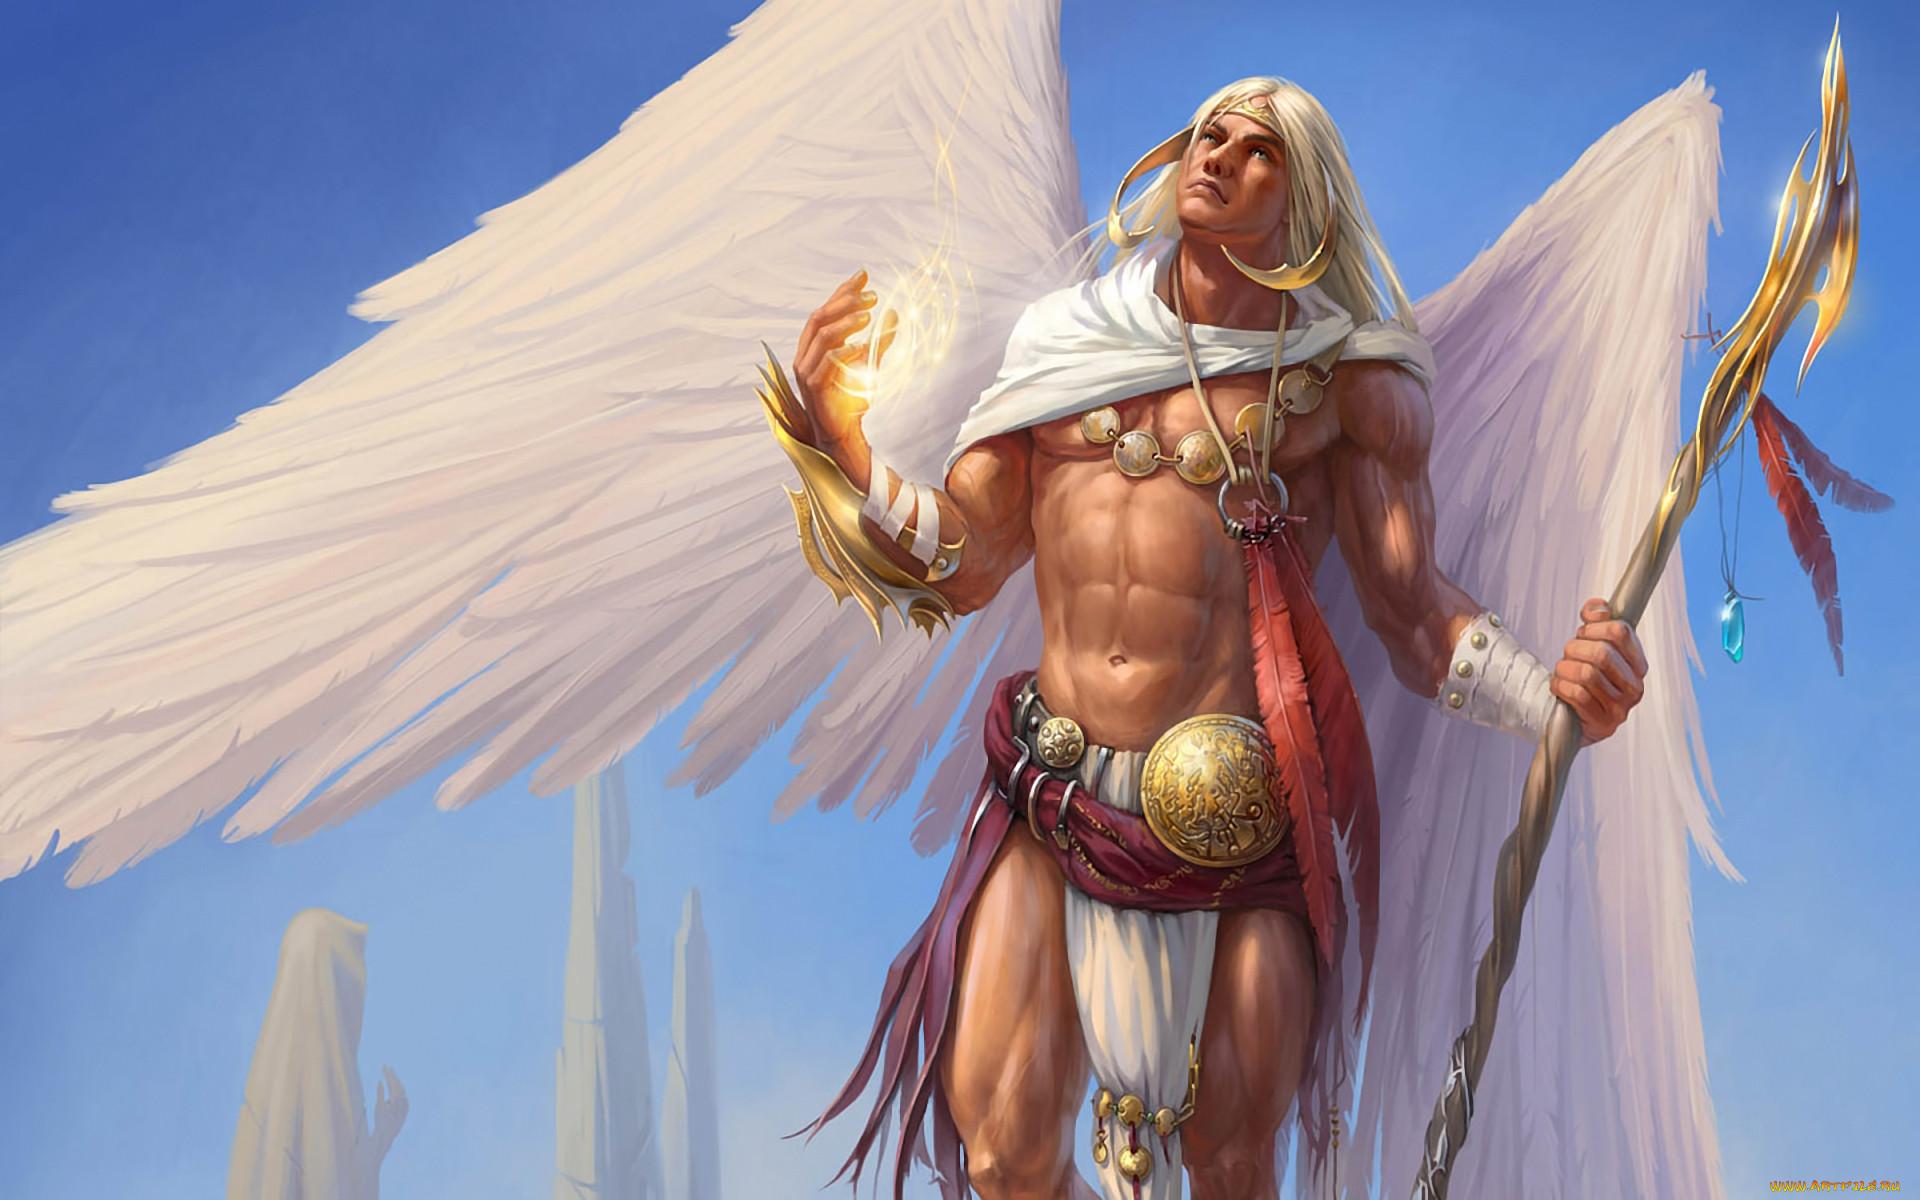 иванович заявил, картинка фэнтези ангел мужчина ногтях